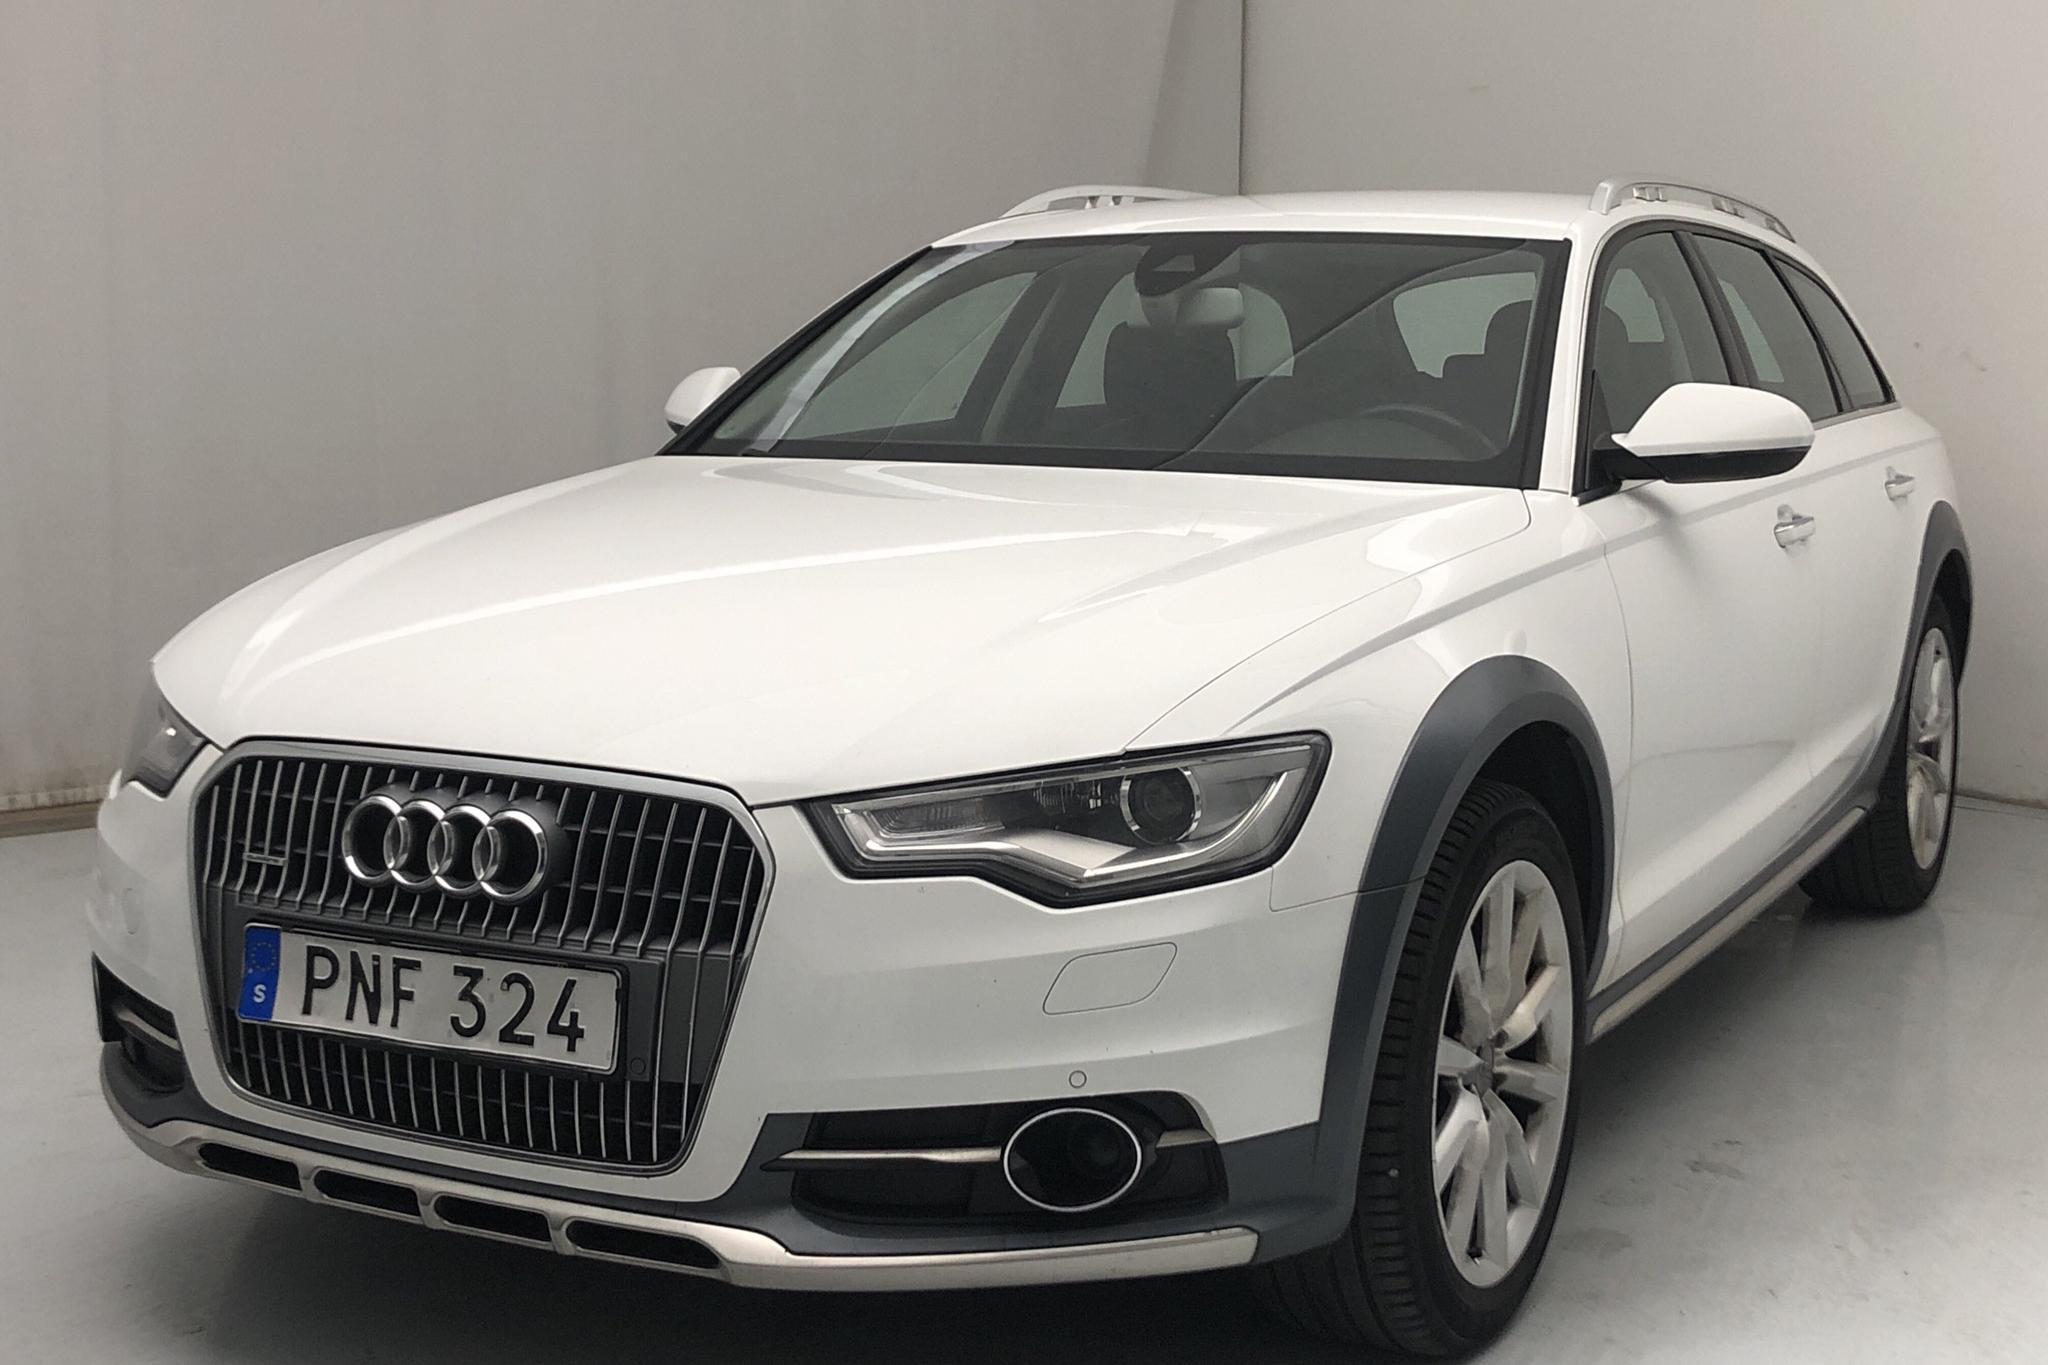 Audi A6 Allroad 3.0 TDI quattro (204hk) - 168 990 km - Automatic - white - 2014